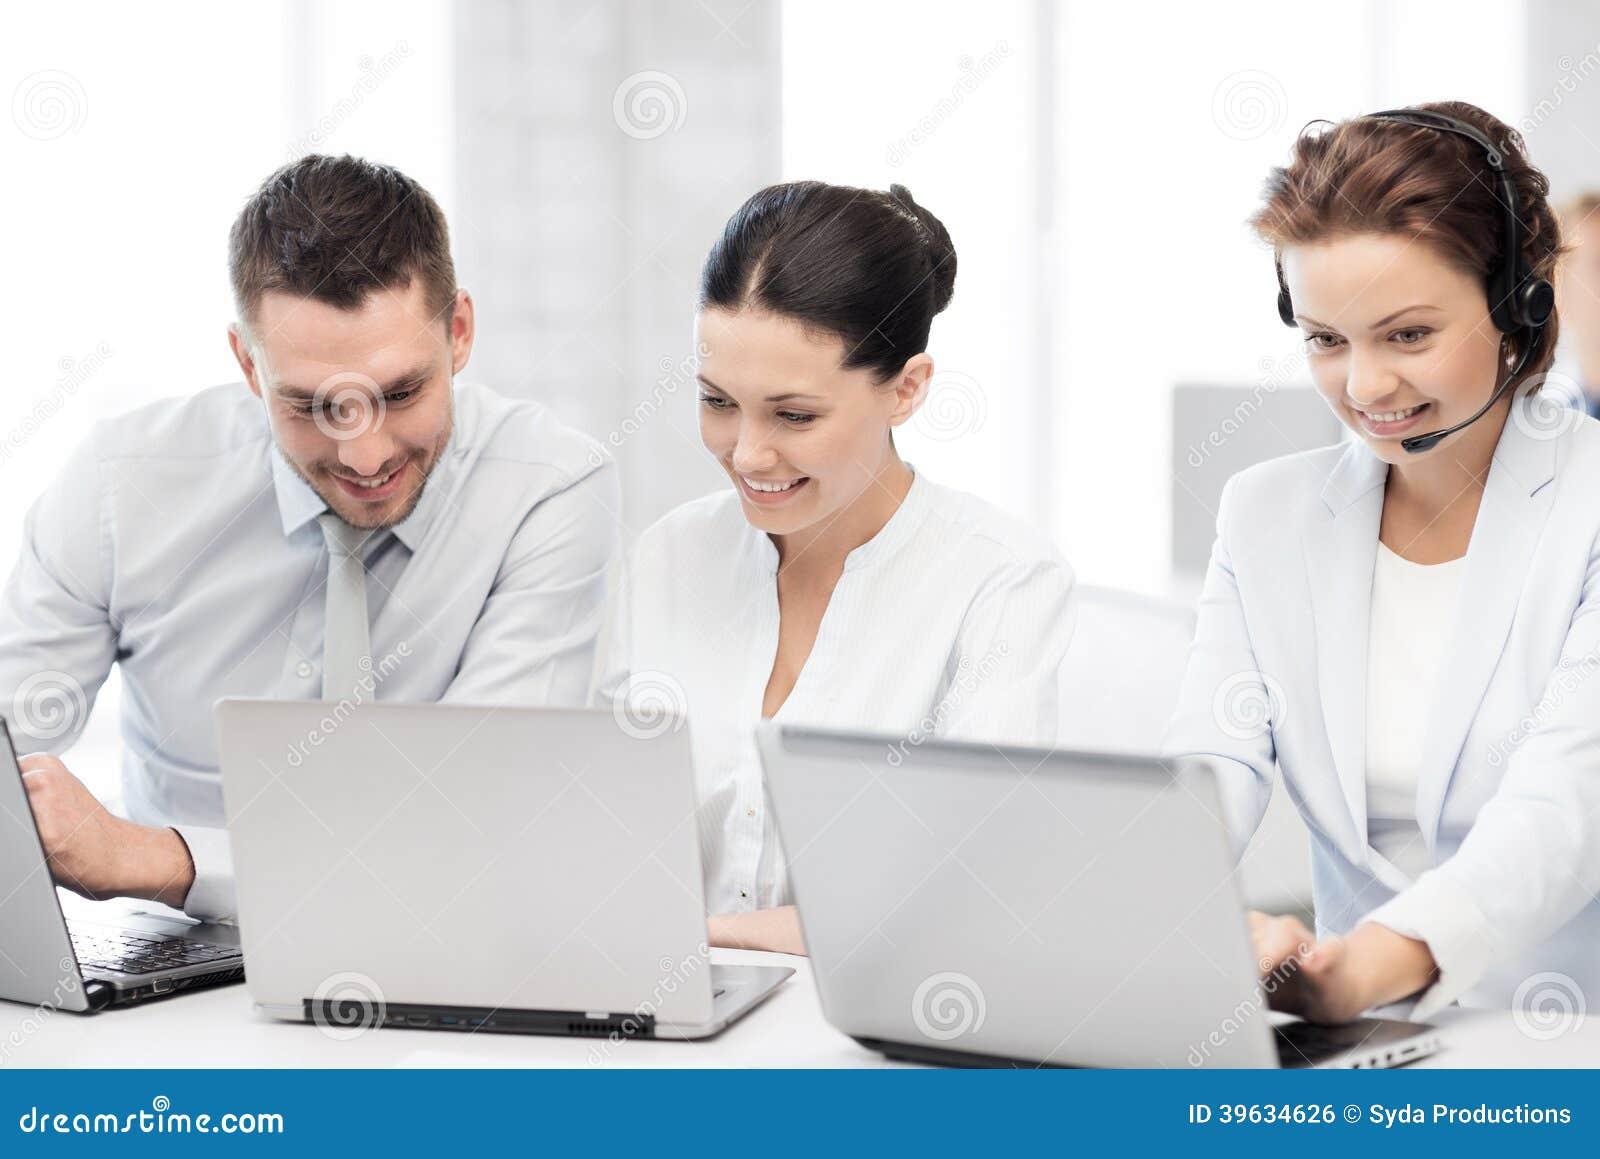 Grupo de personas que trabaja con los ordenadores portátiles en oficina